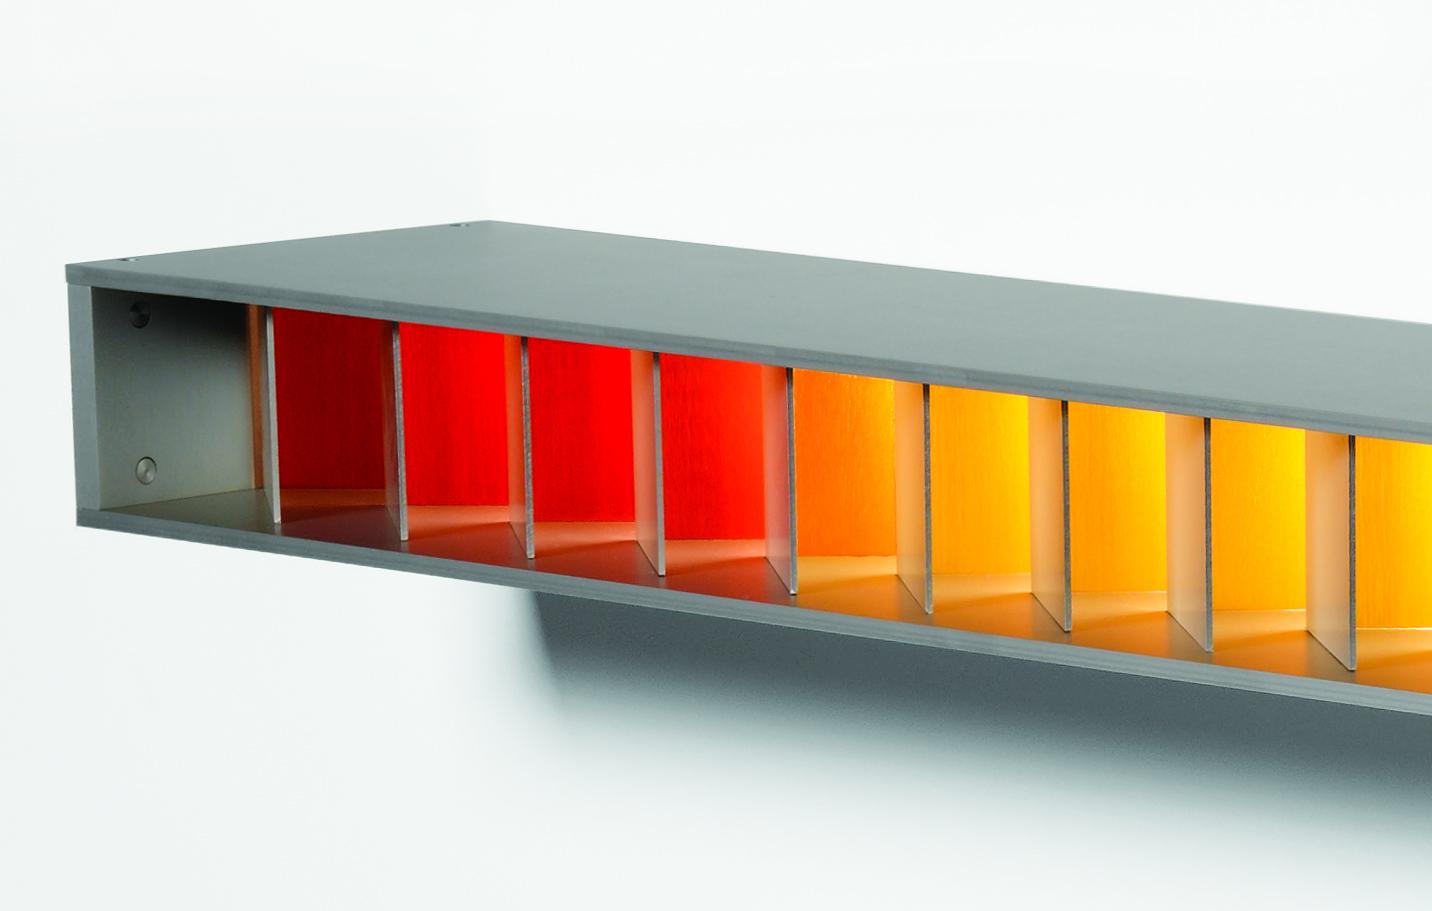 Spectrum 1 & 2 | 2012 | Anodised Aluminium | 1450mm L x 92mm H x 180mm D | Image: Grant Hancock